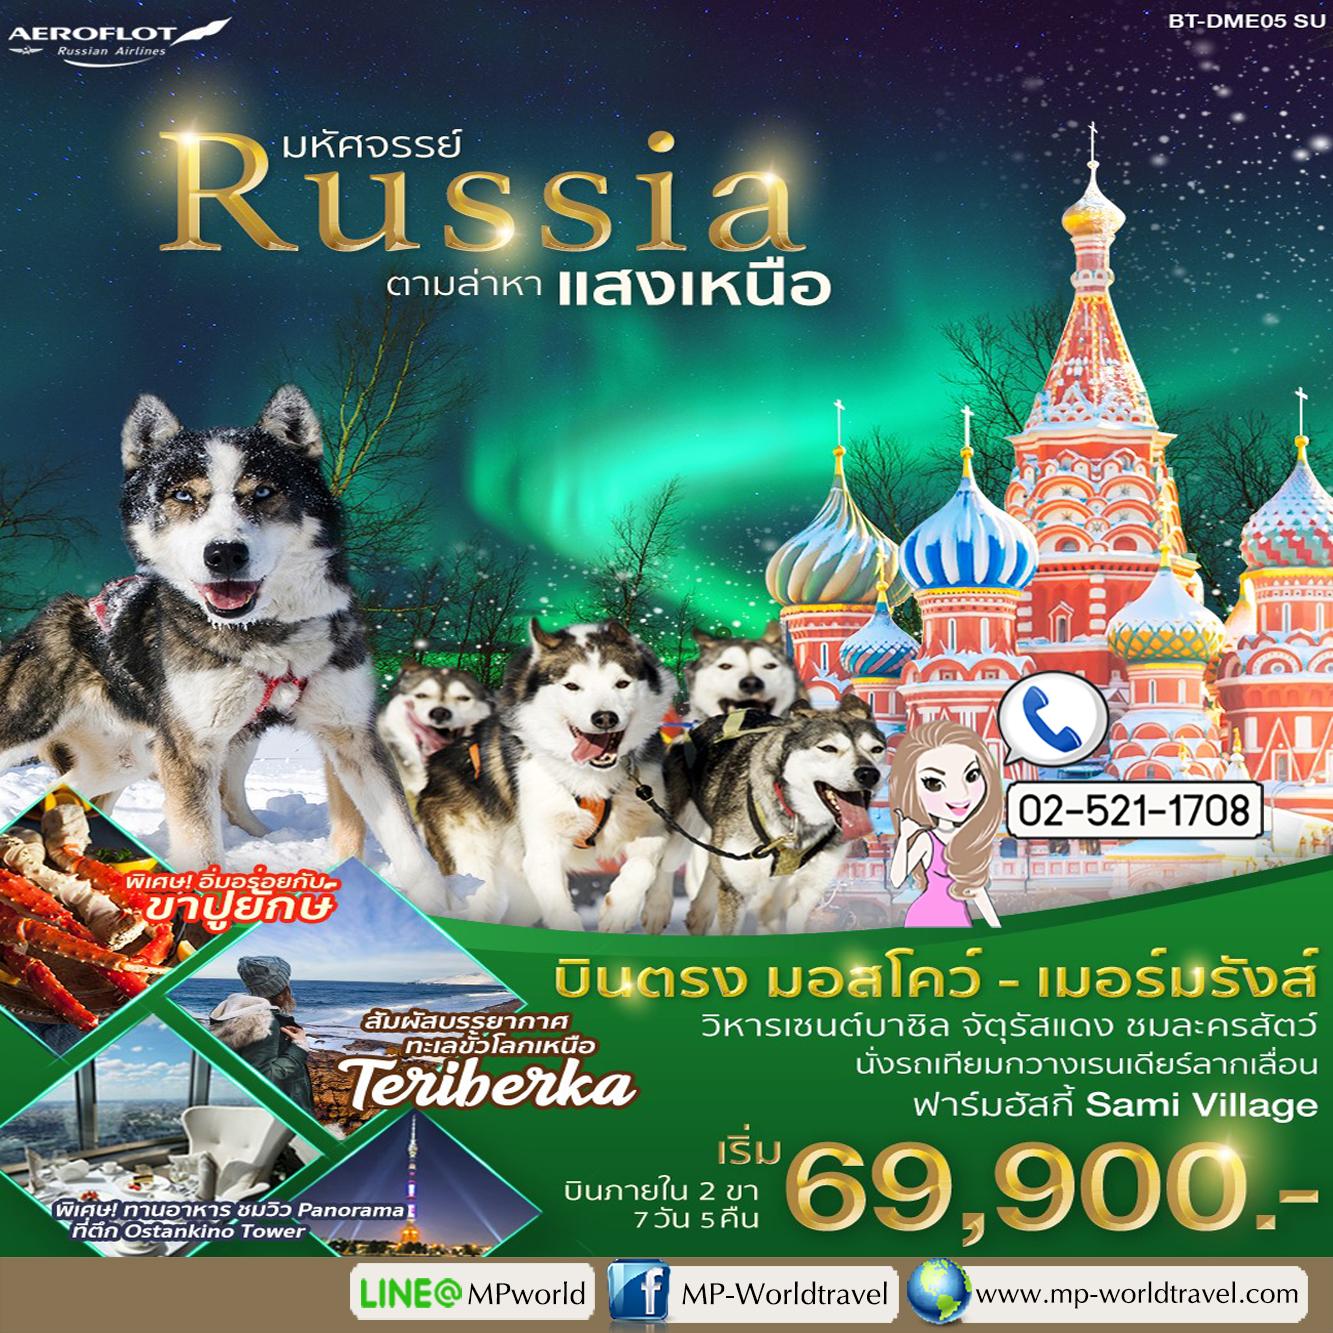 ทัวร์รัสเซีย มหัศจรรย์ Russia ตามล่าหาแสงเหนือ 7 วัน 5 คืน